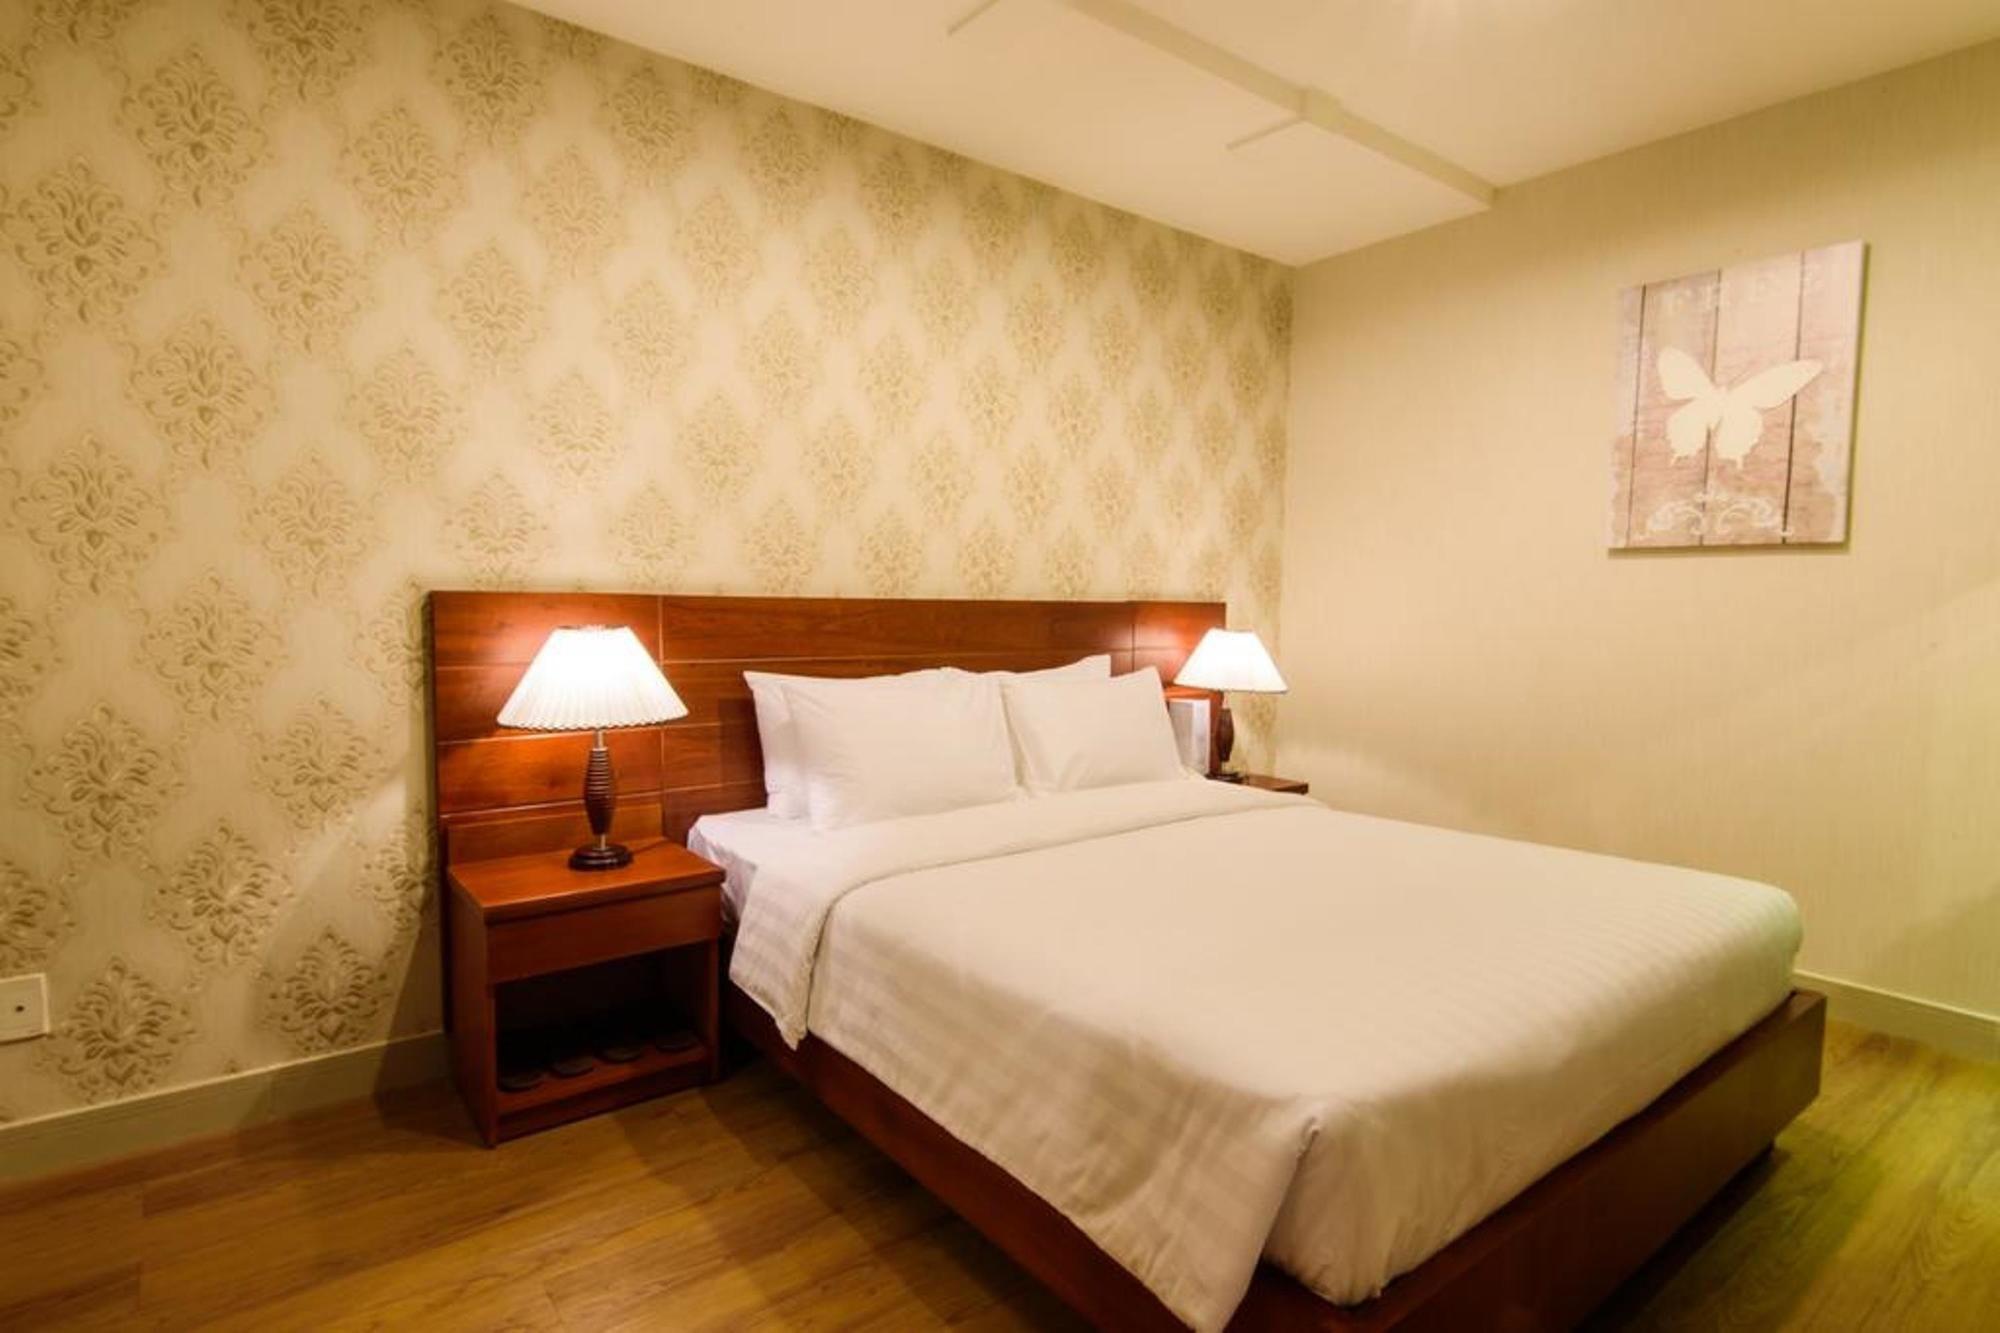 Morning Rooms Hai Ba Trung